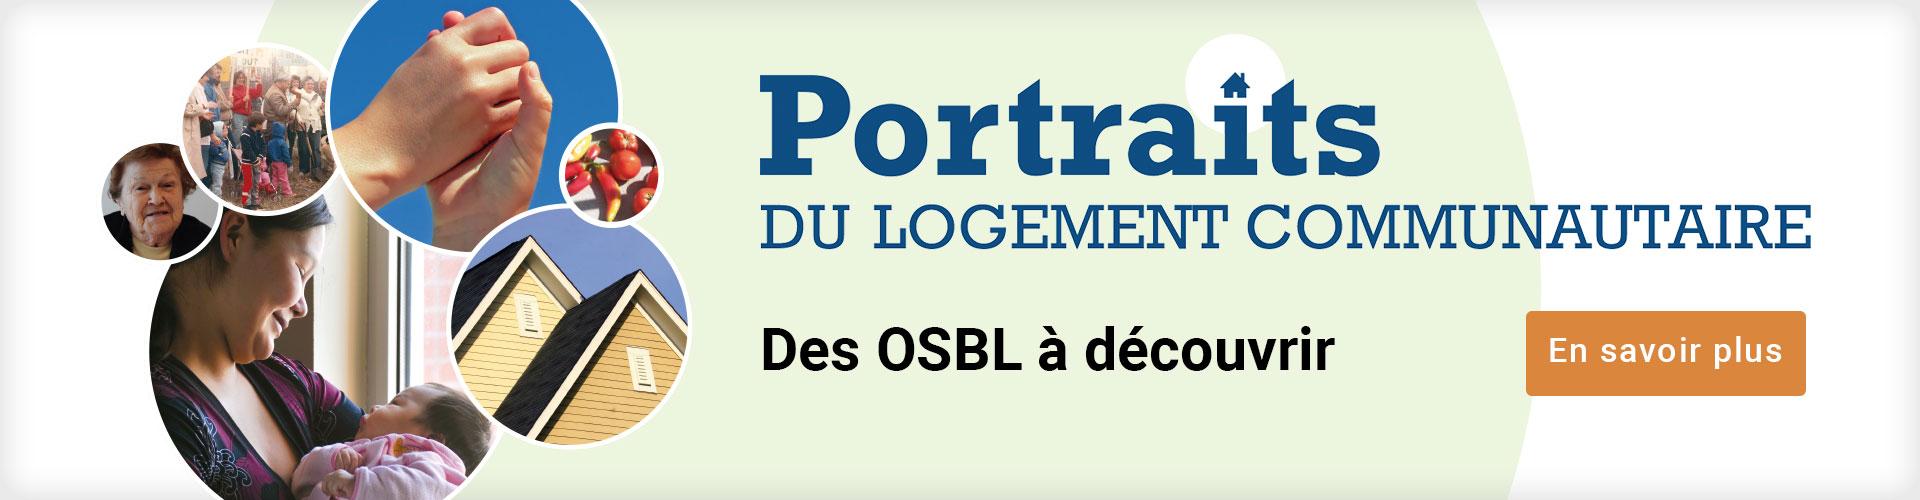 portraits_logement_communautaire_accueil_1920x500